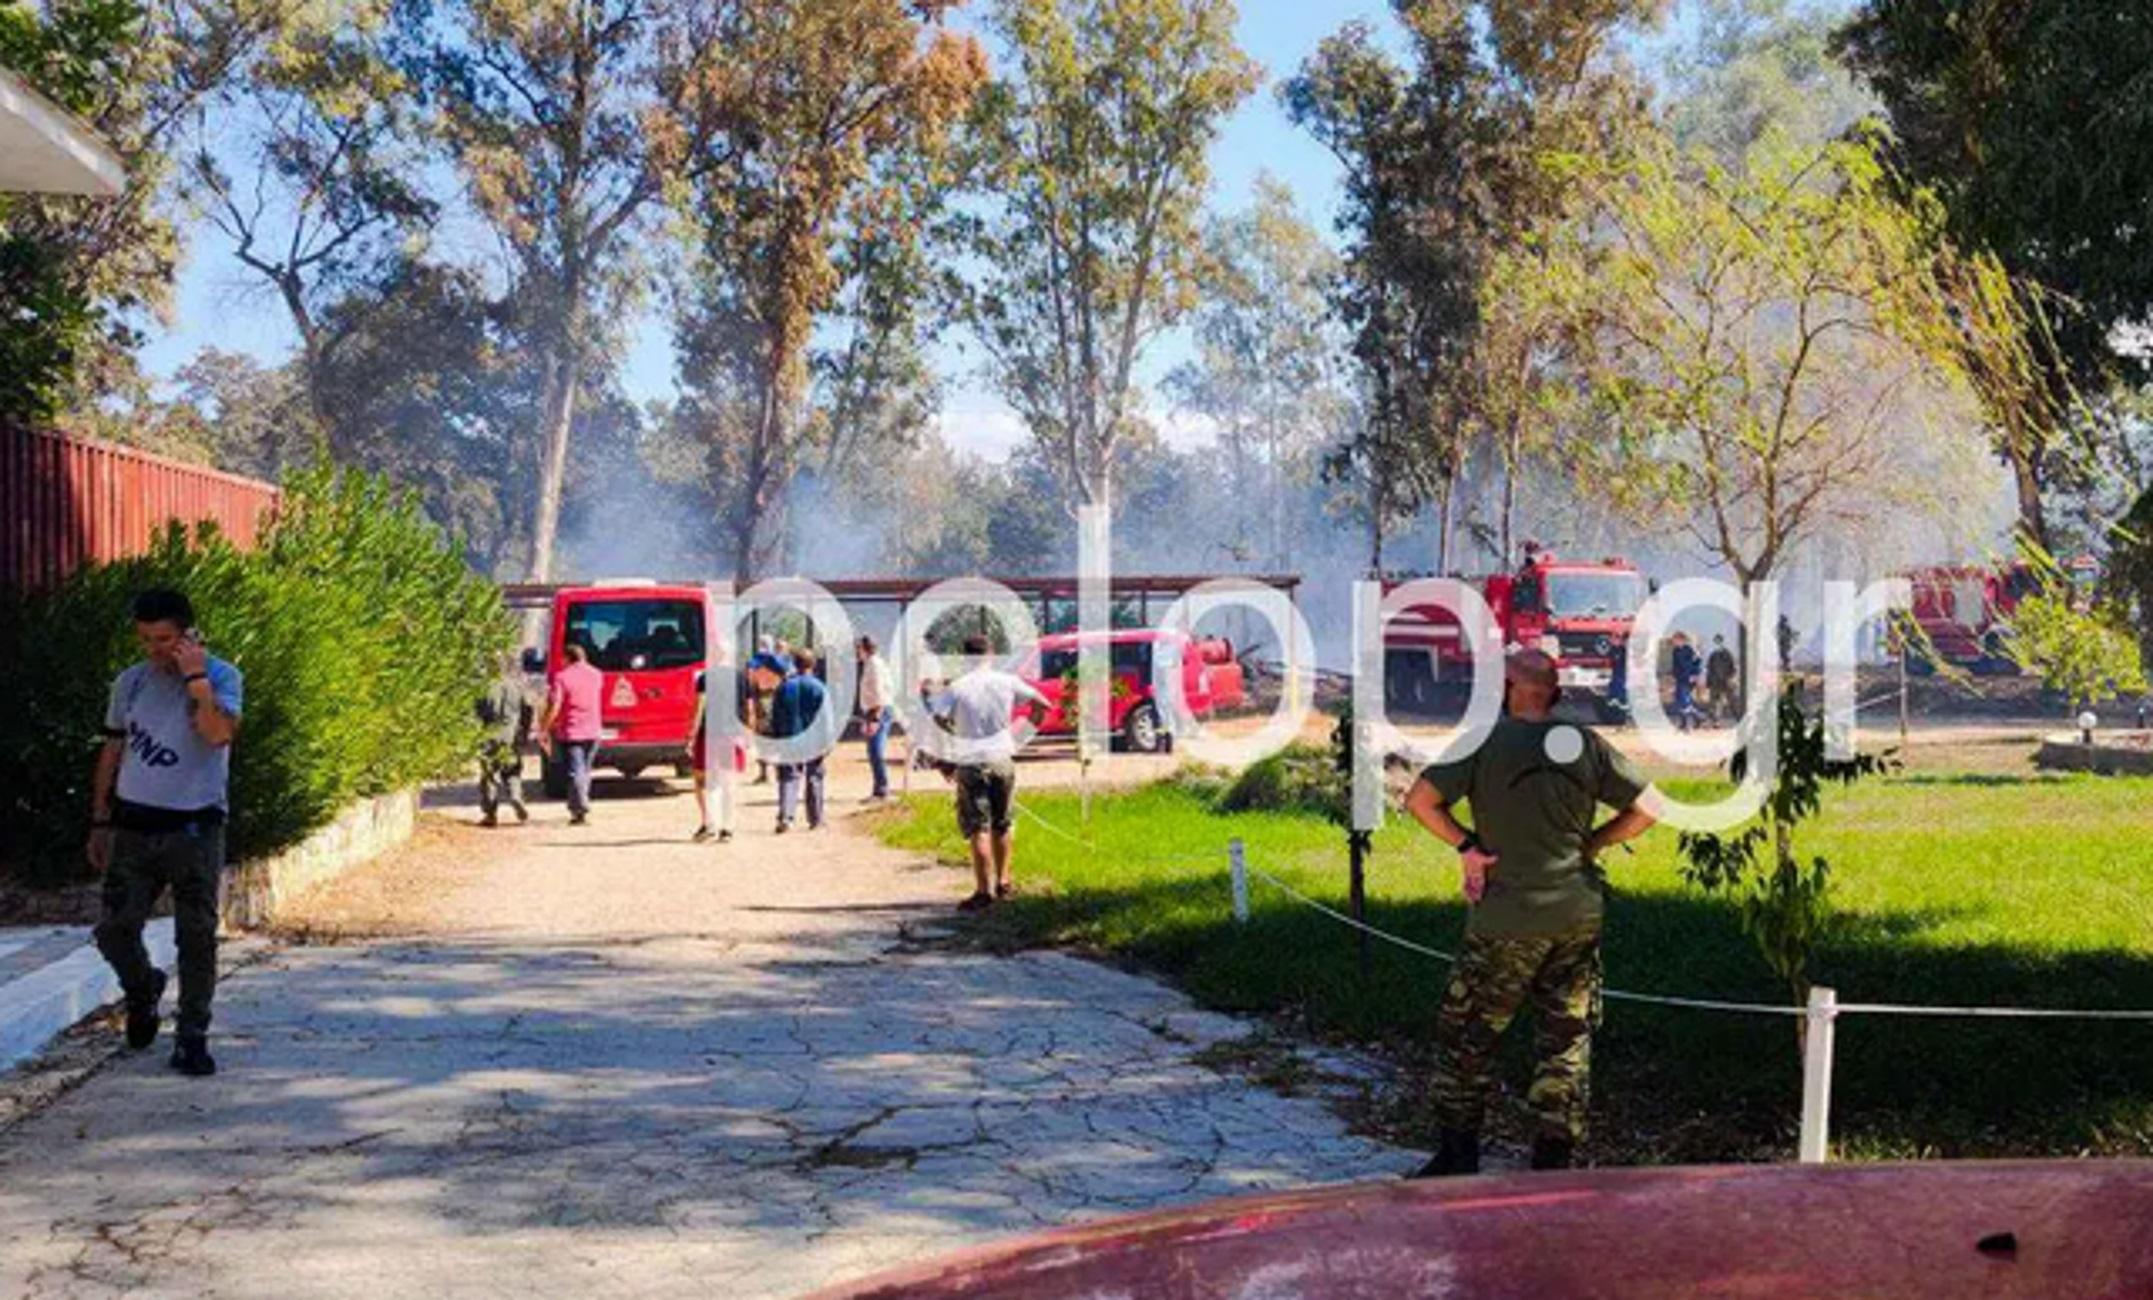 Αχαϊα: Λύνεται το μυστήριο για τη φωτιά που απείλησε το στρατιωτικό αεροδρόμιο στην Άραξο